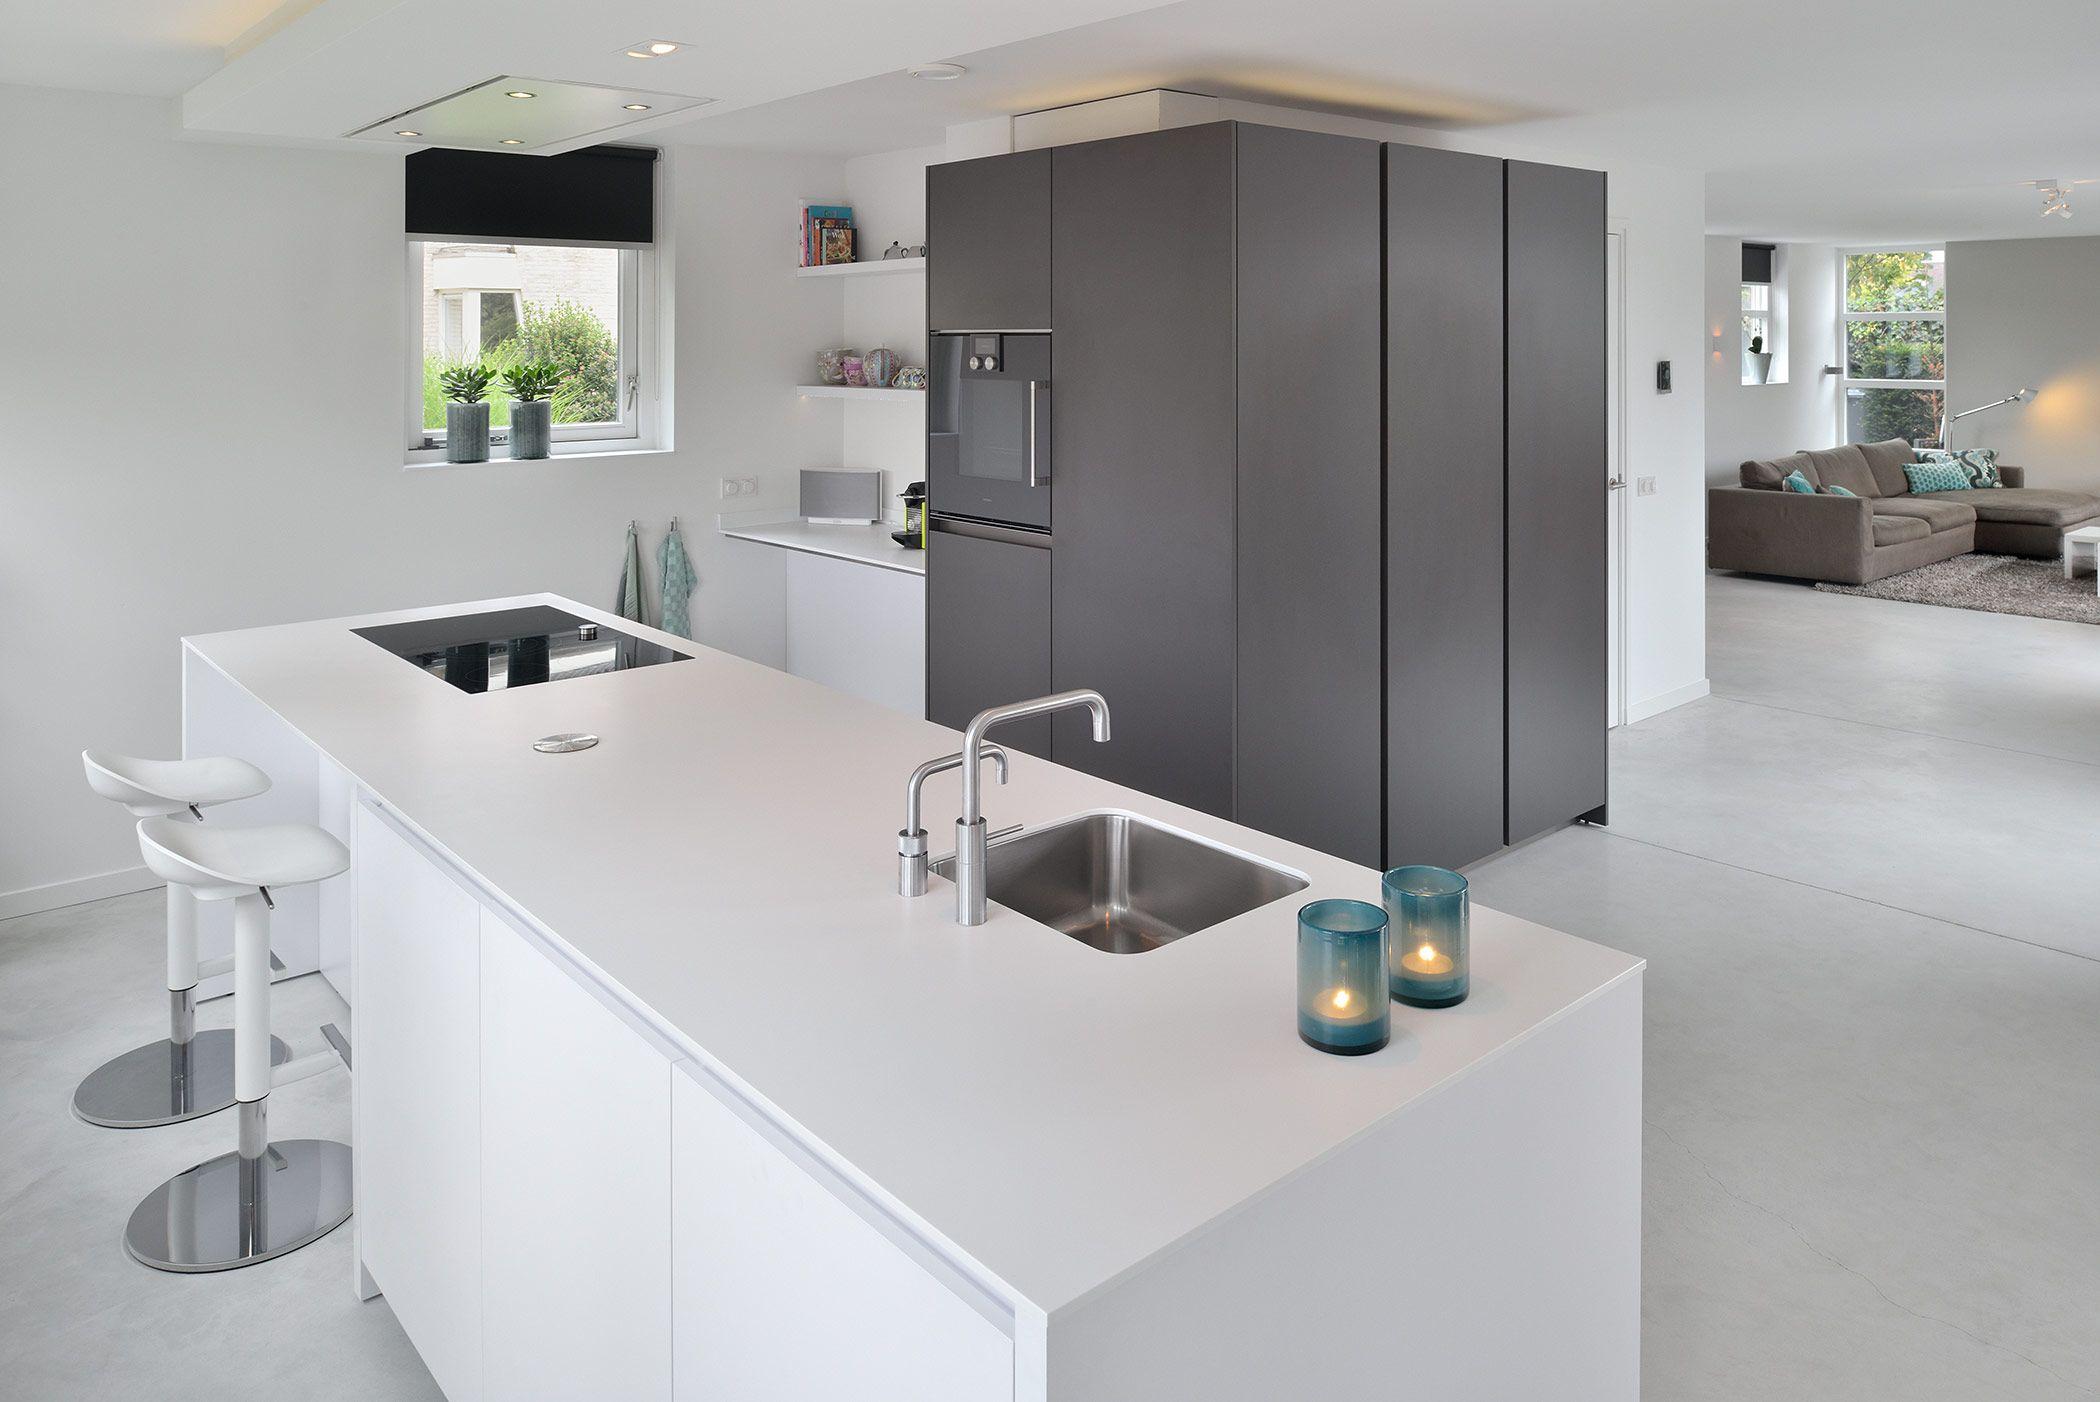 Keuken Design Boxtel : Boxtel keuken inspiratie